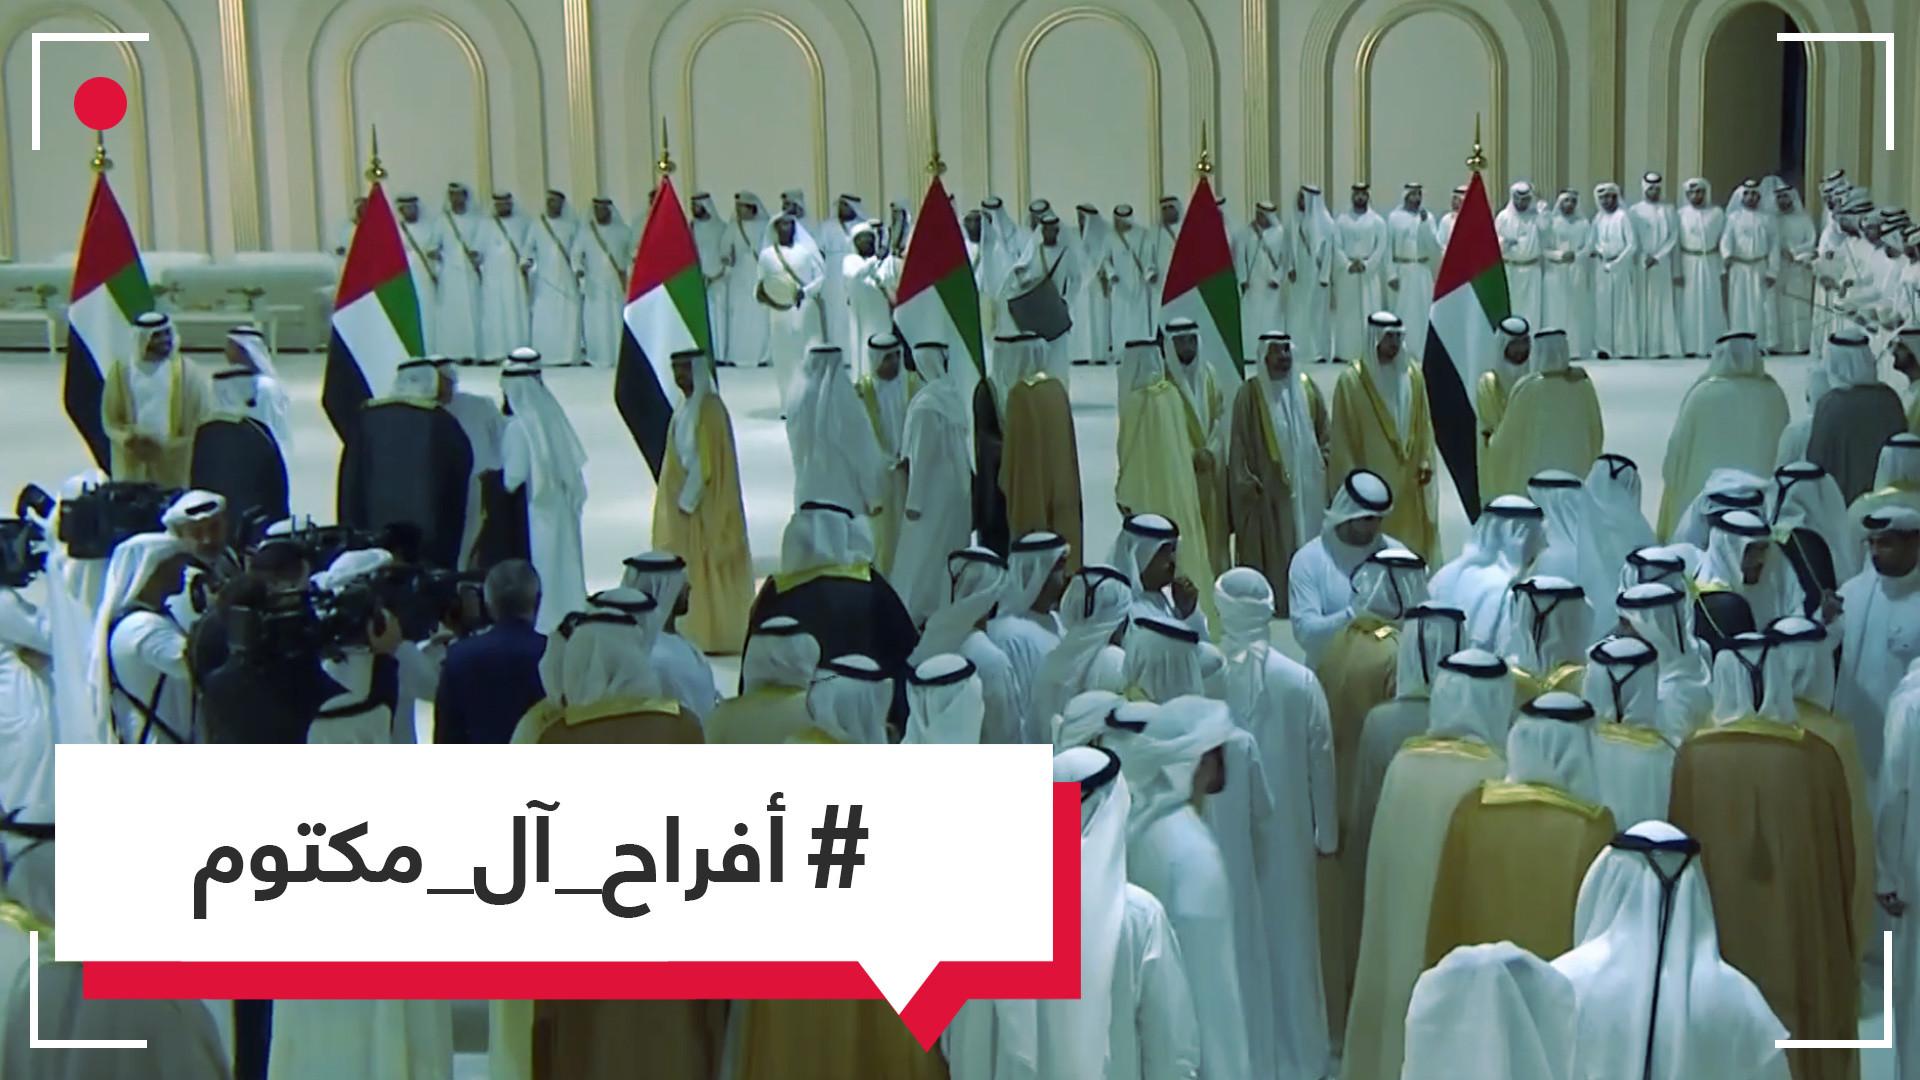 محمد بن راشد يحتفل بزفاف أبنائه الثلاثة